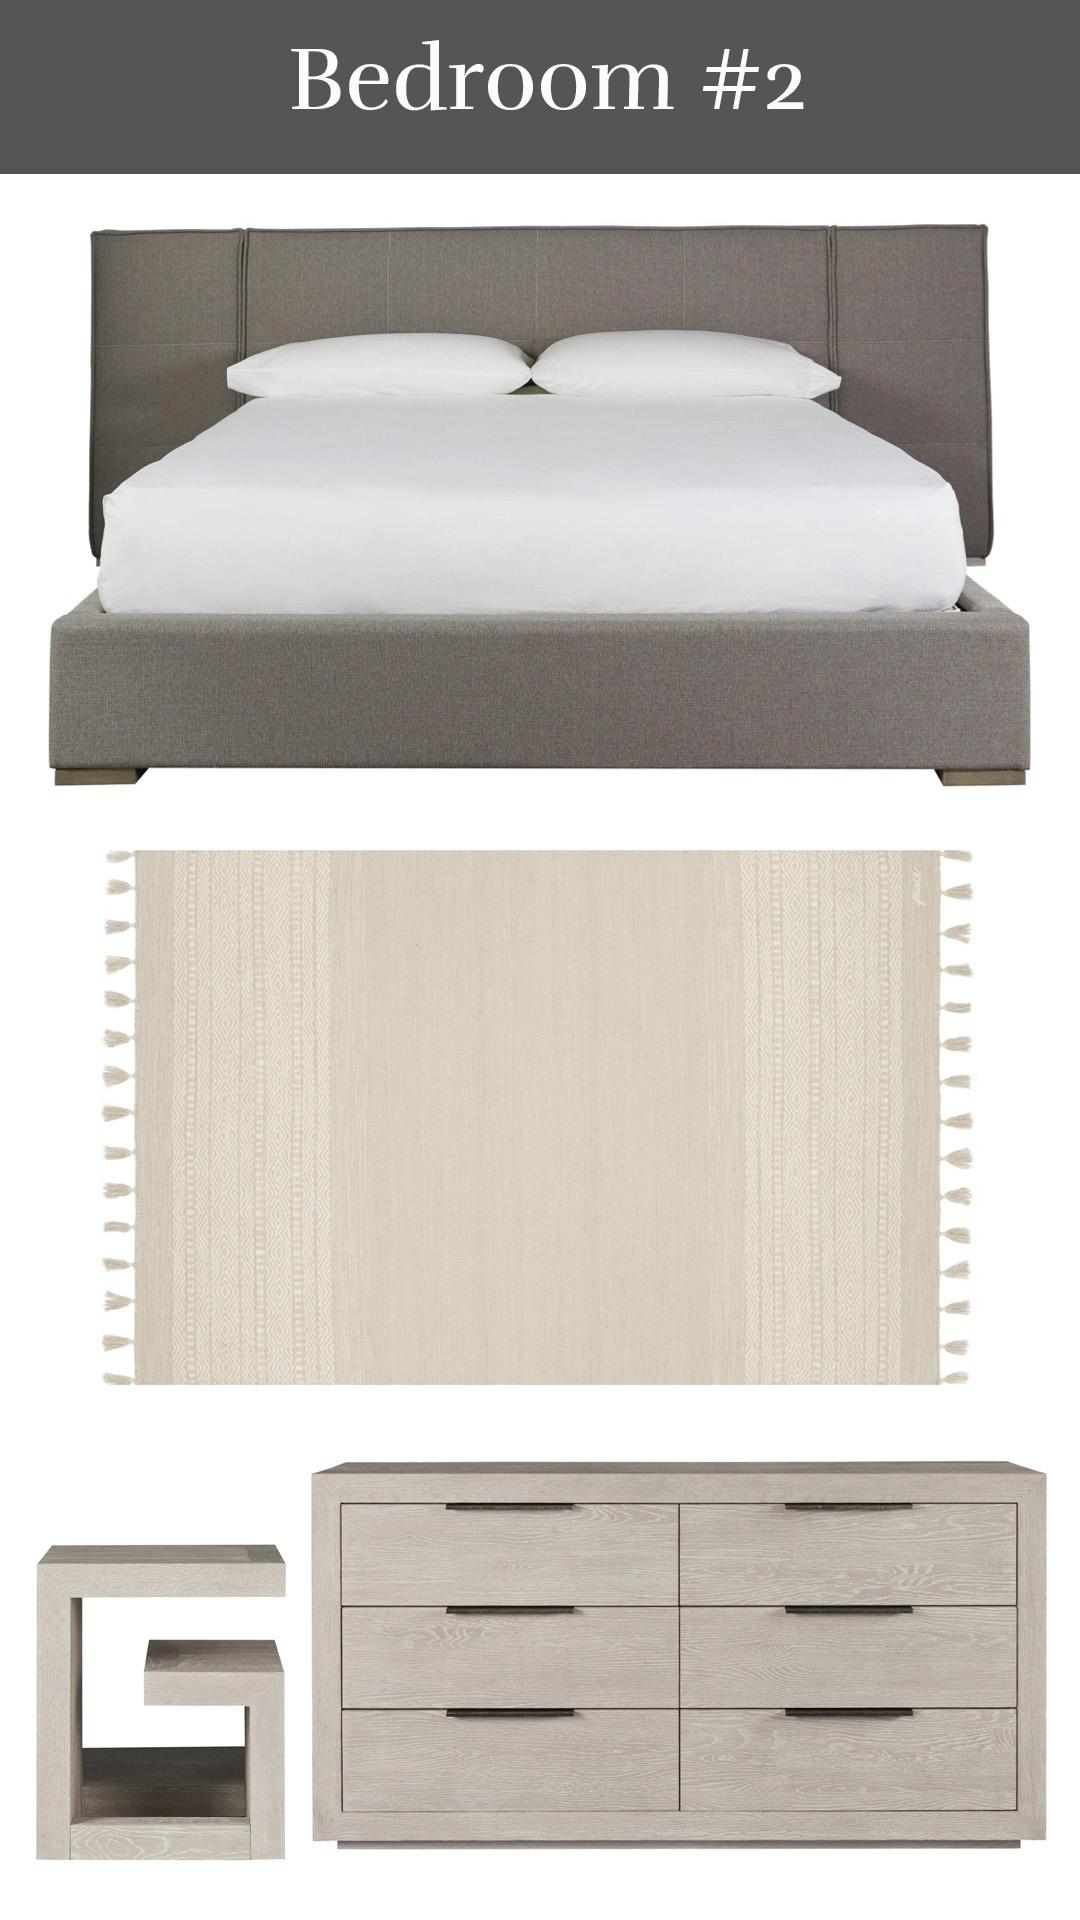 Modern Sophistication - Connery Upholstered Bed + Solano Rug + Huston Bedside Table & Dresser